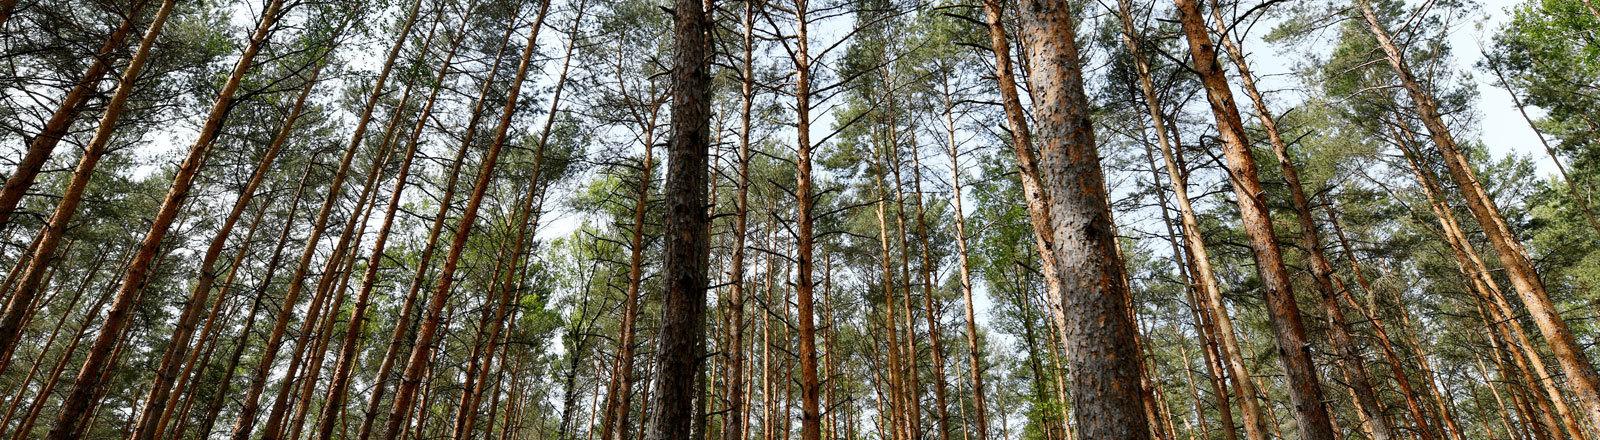 Brandenburg, Treuenbrietzen: Kiefern wachsen in Monokultur in einem Waldstück bei Treuenbrietzen.